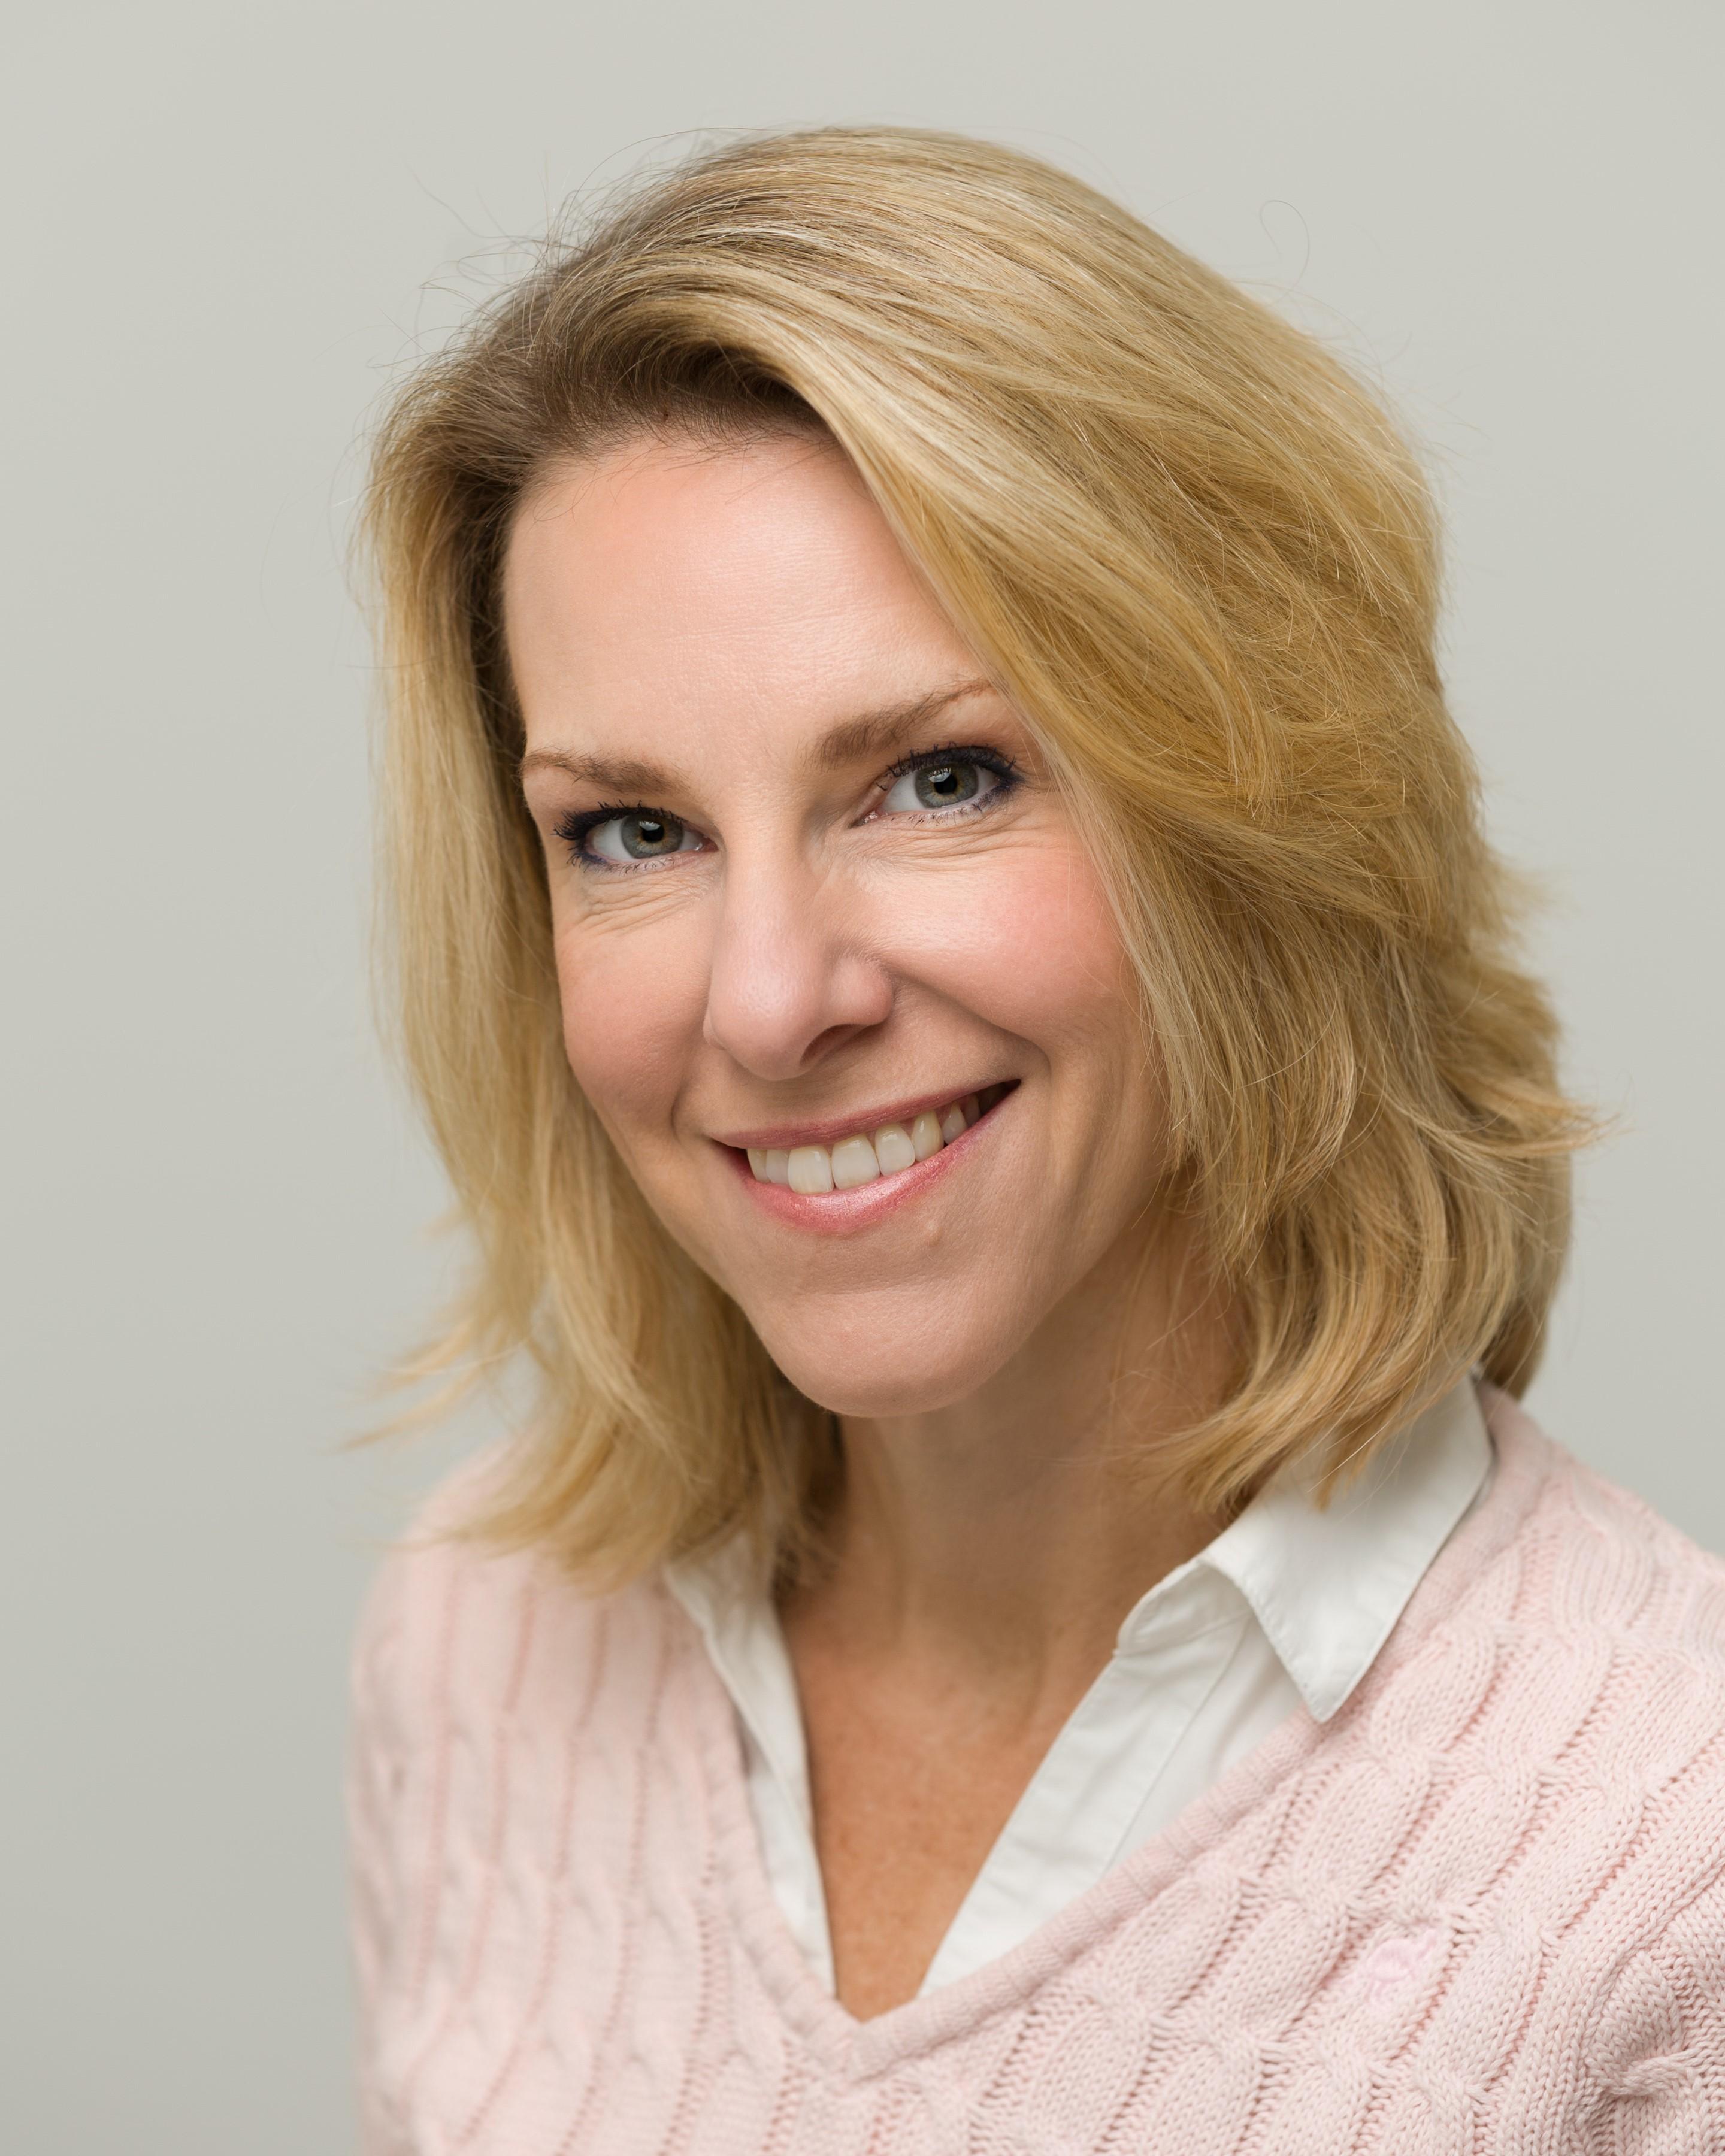 Naomi Marston